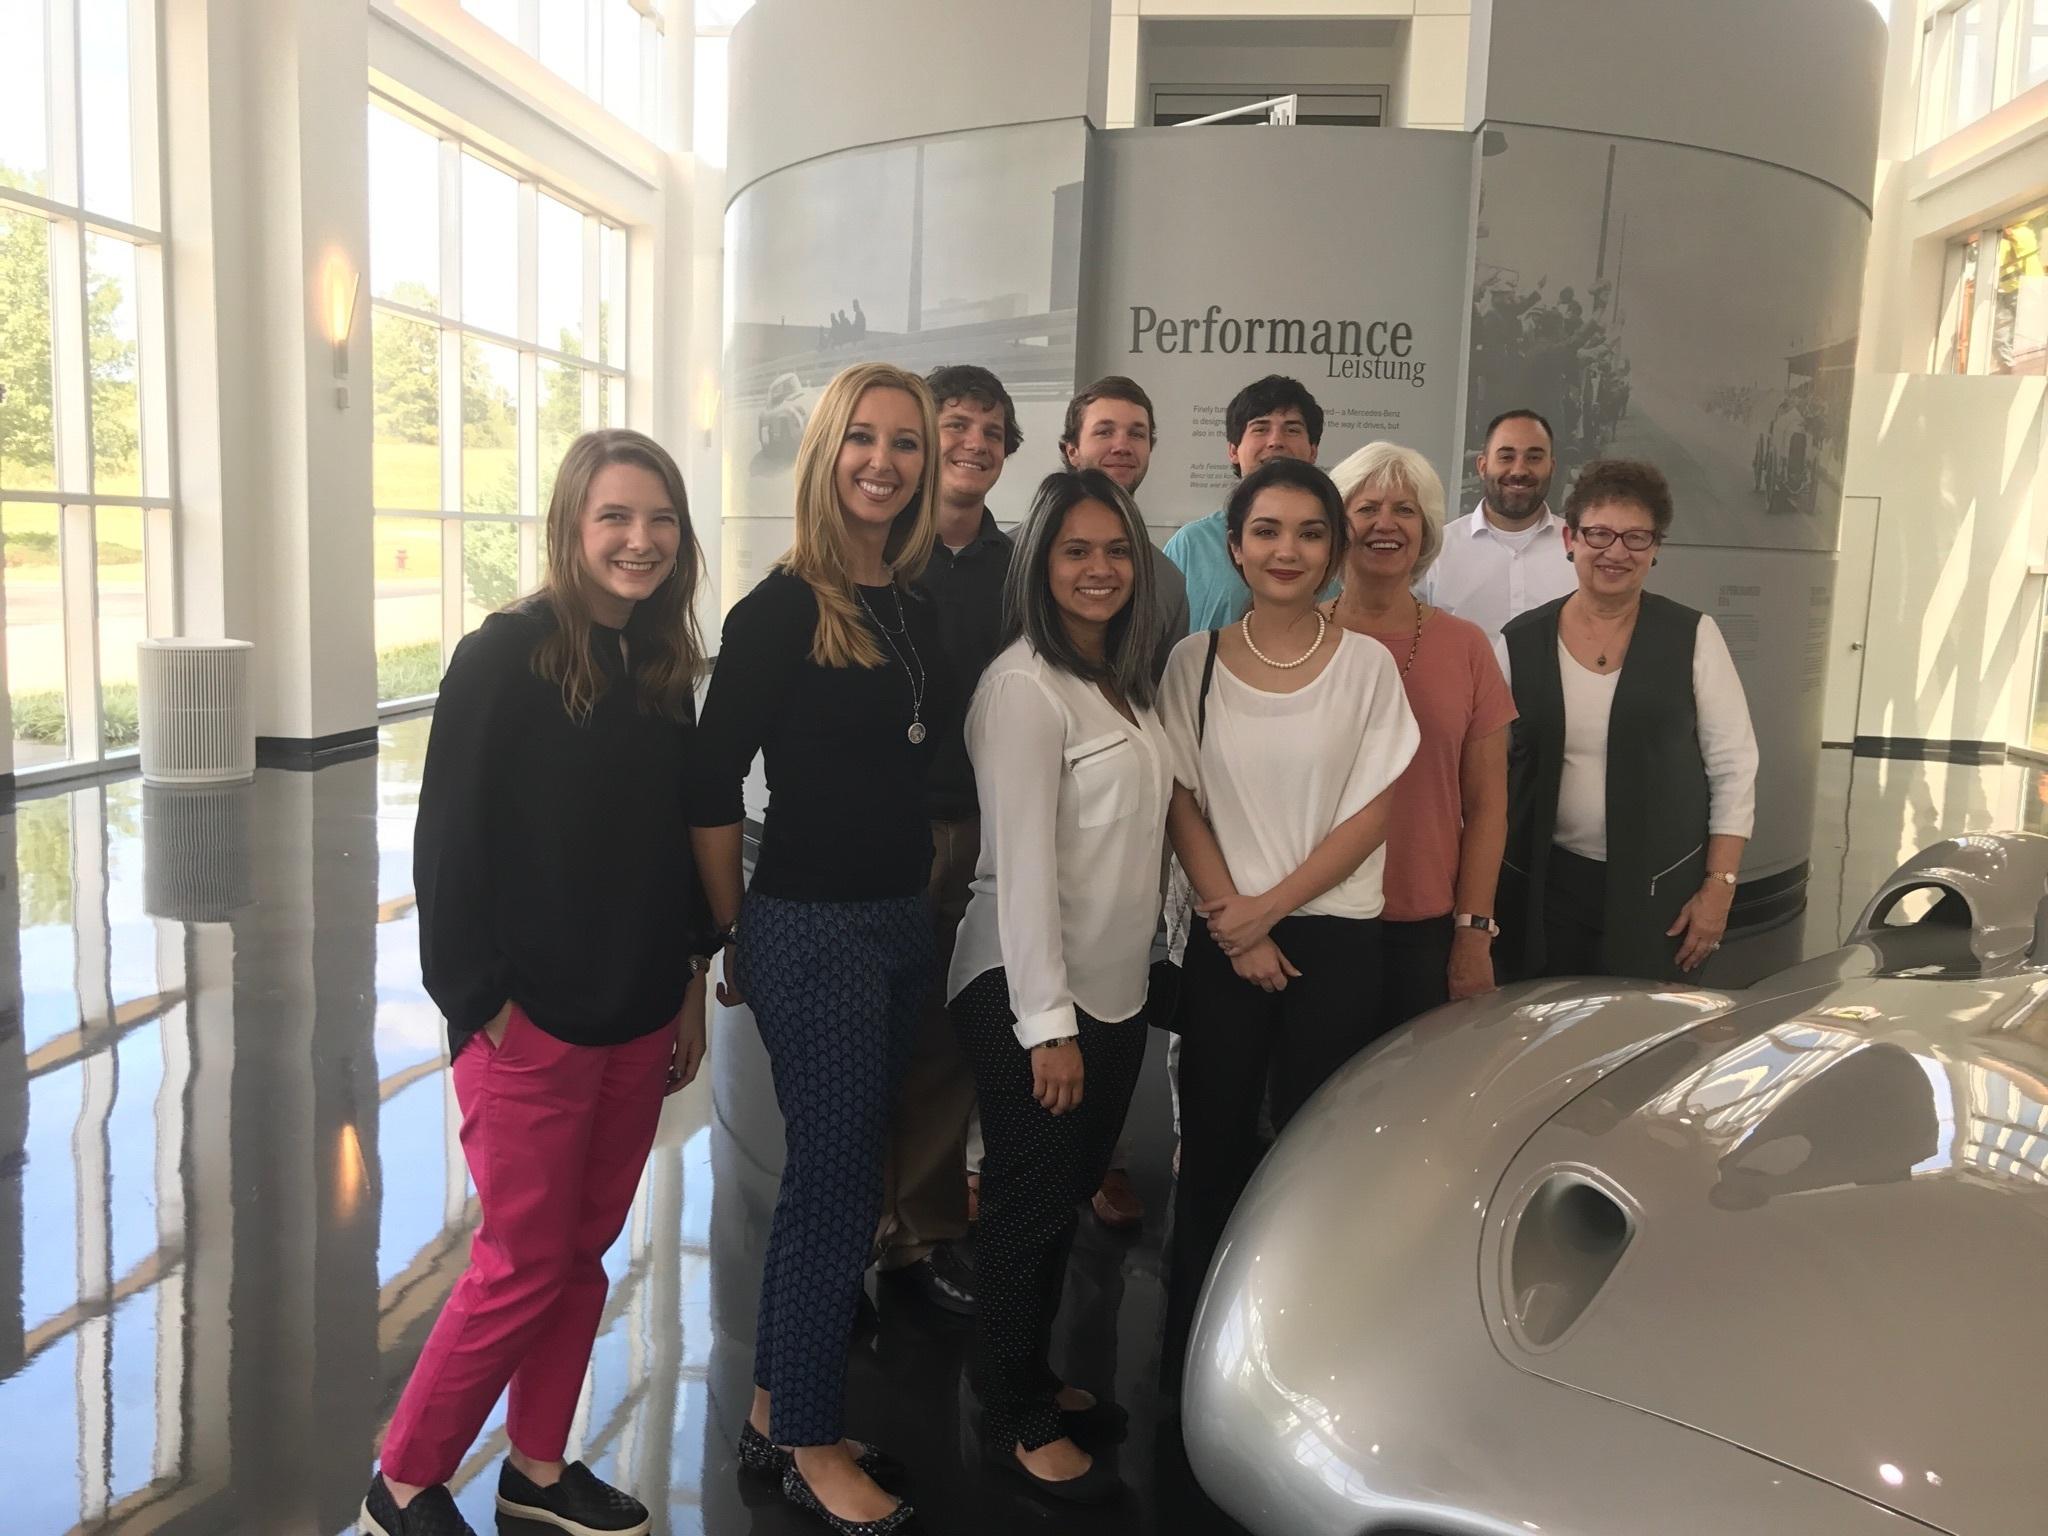 Mercedes tour